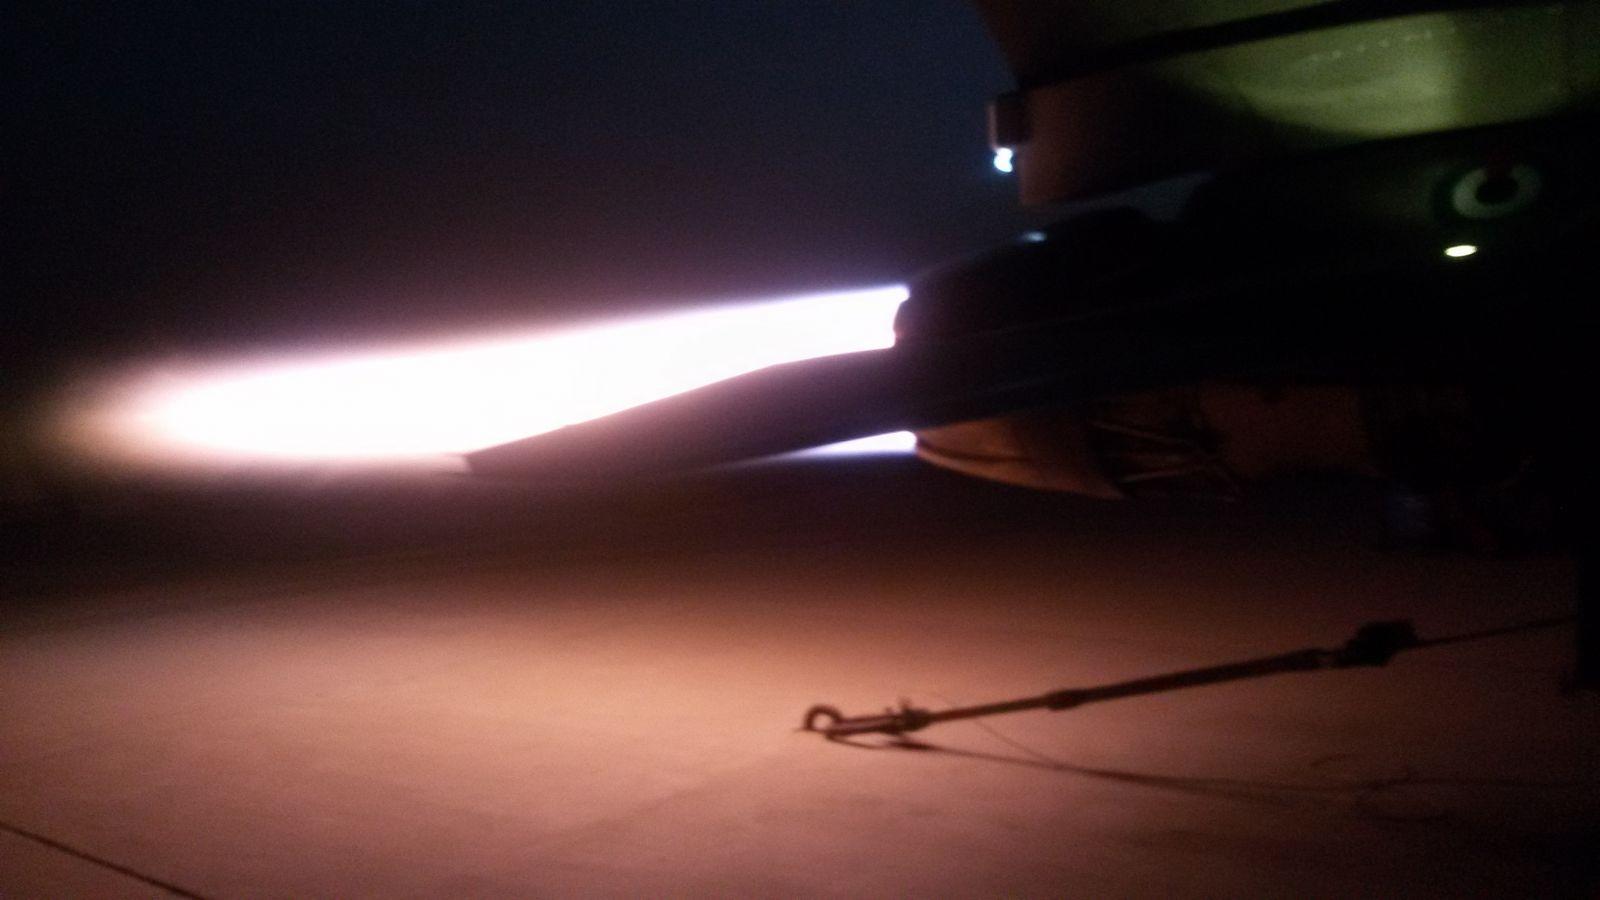 GE 132 burner run